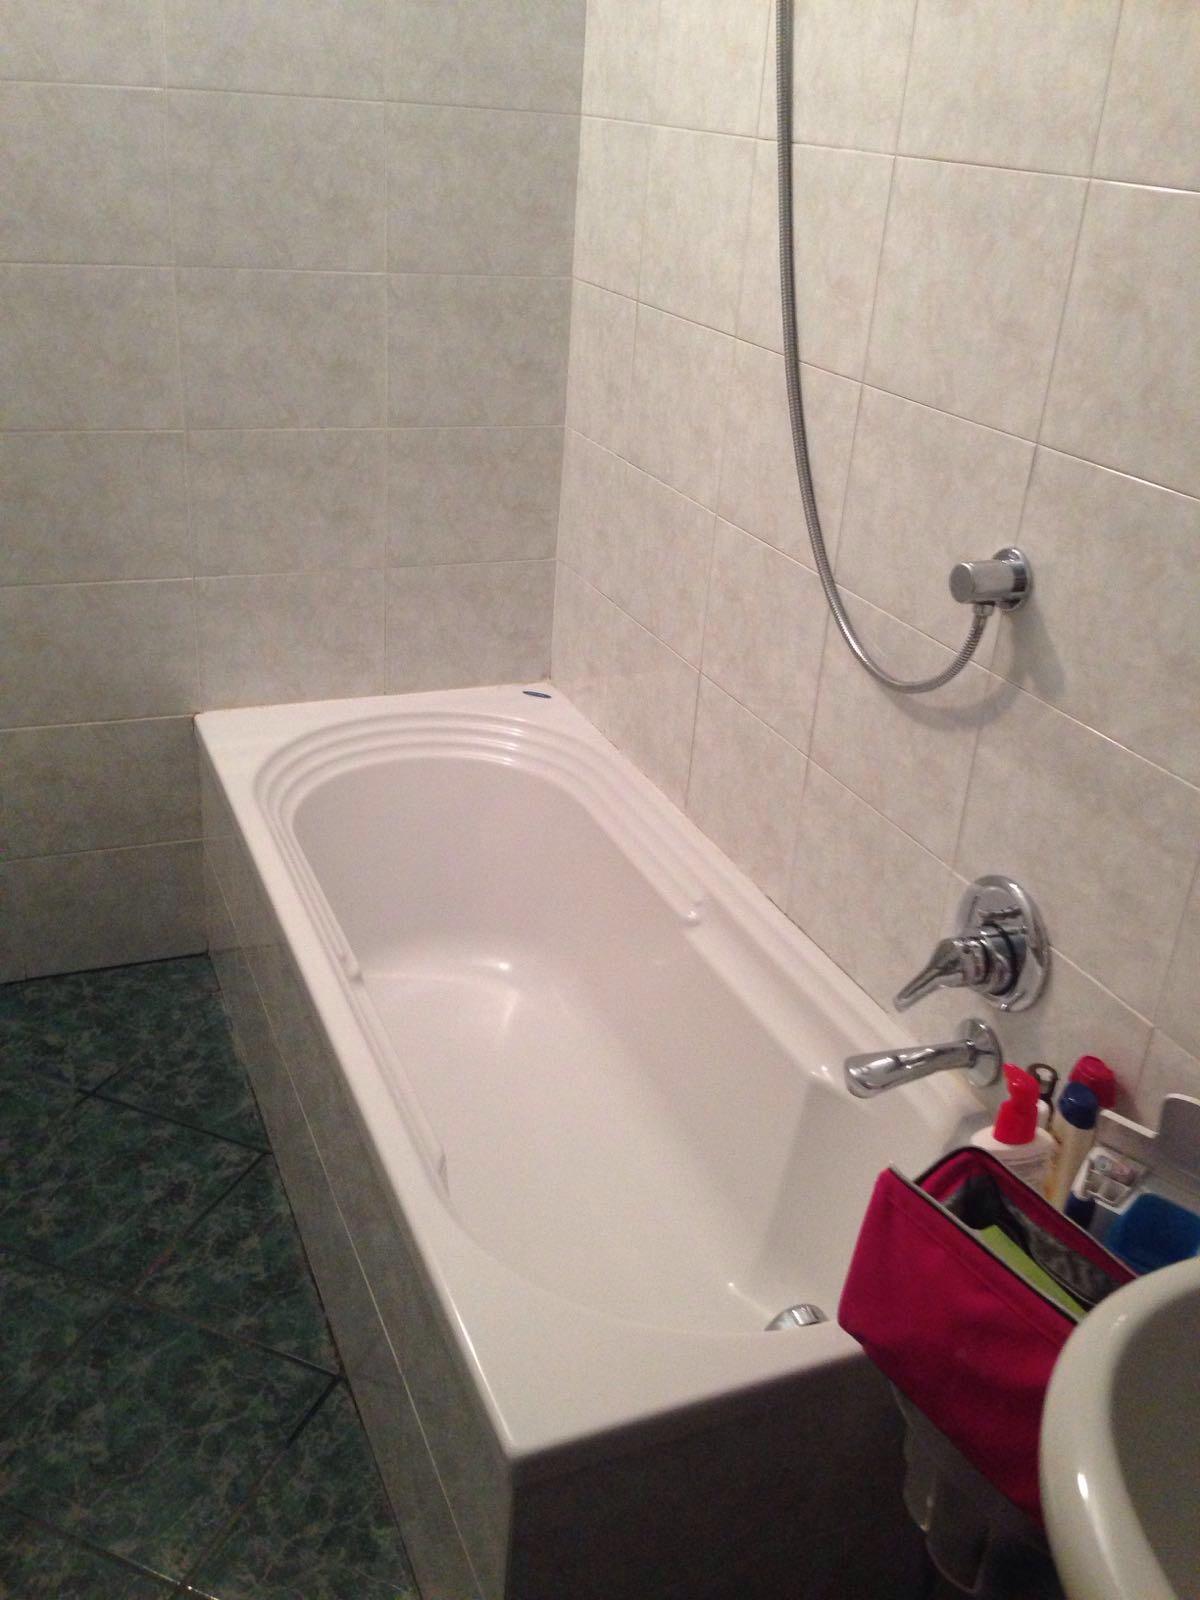 Sostituzione vasca da bagno con doccia a genova real - Sostituzione vasca da bagno ...